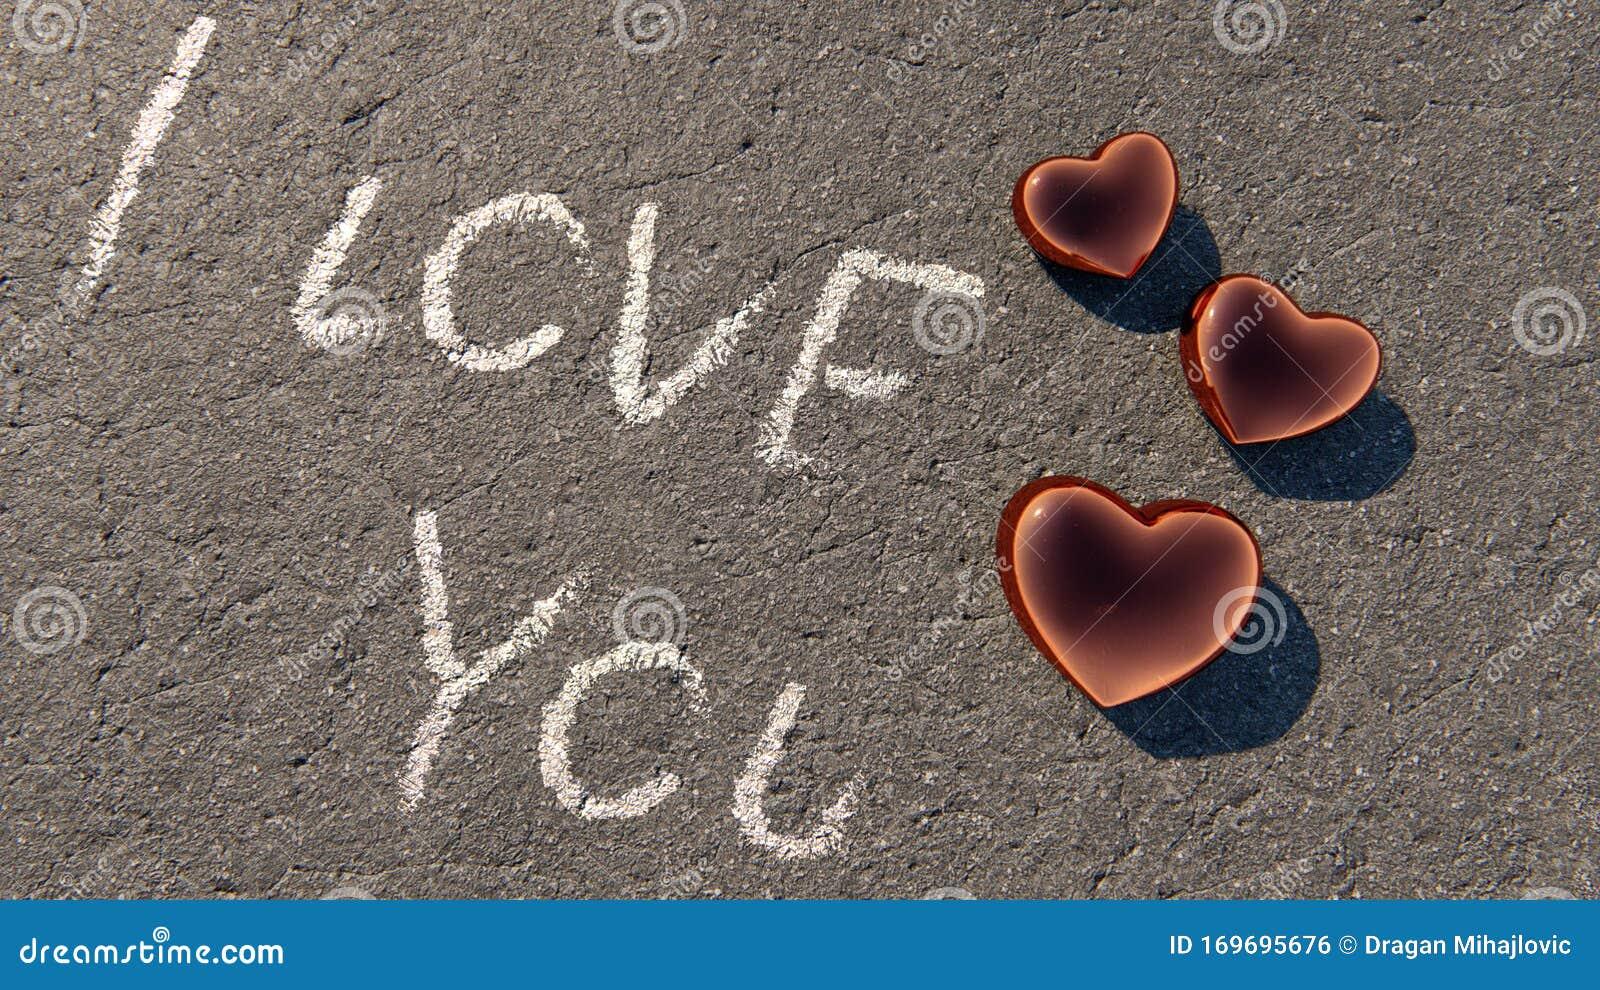 Ich Liebe Dich Text Mit Kupferherzen Auf Asphalt